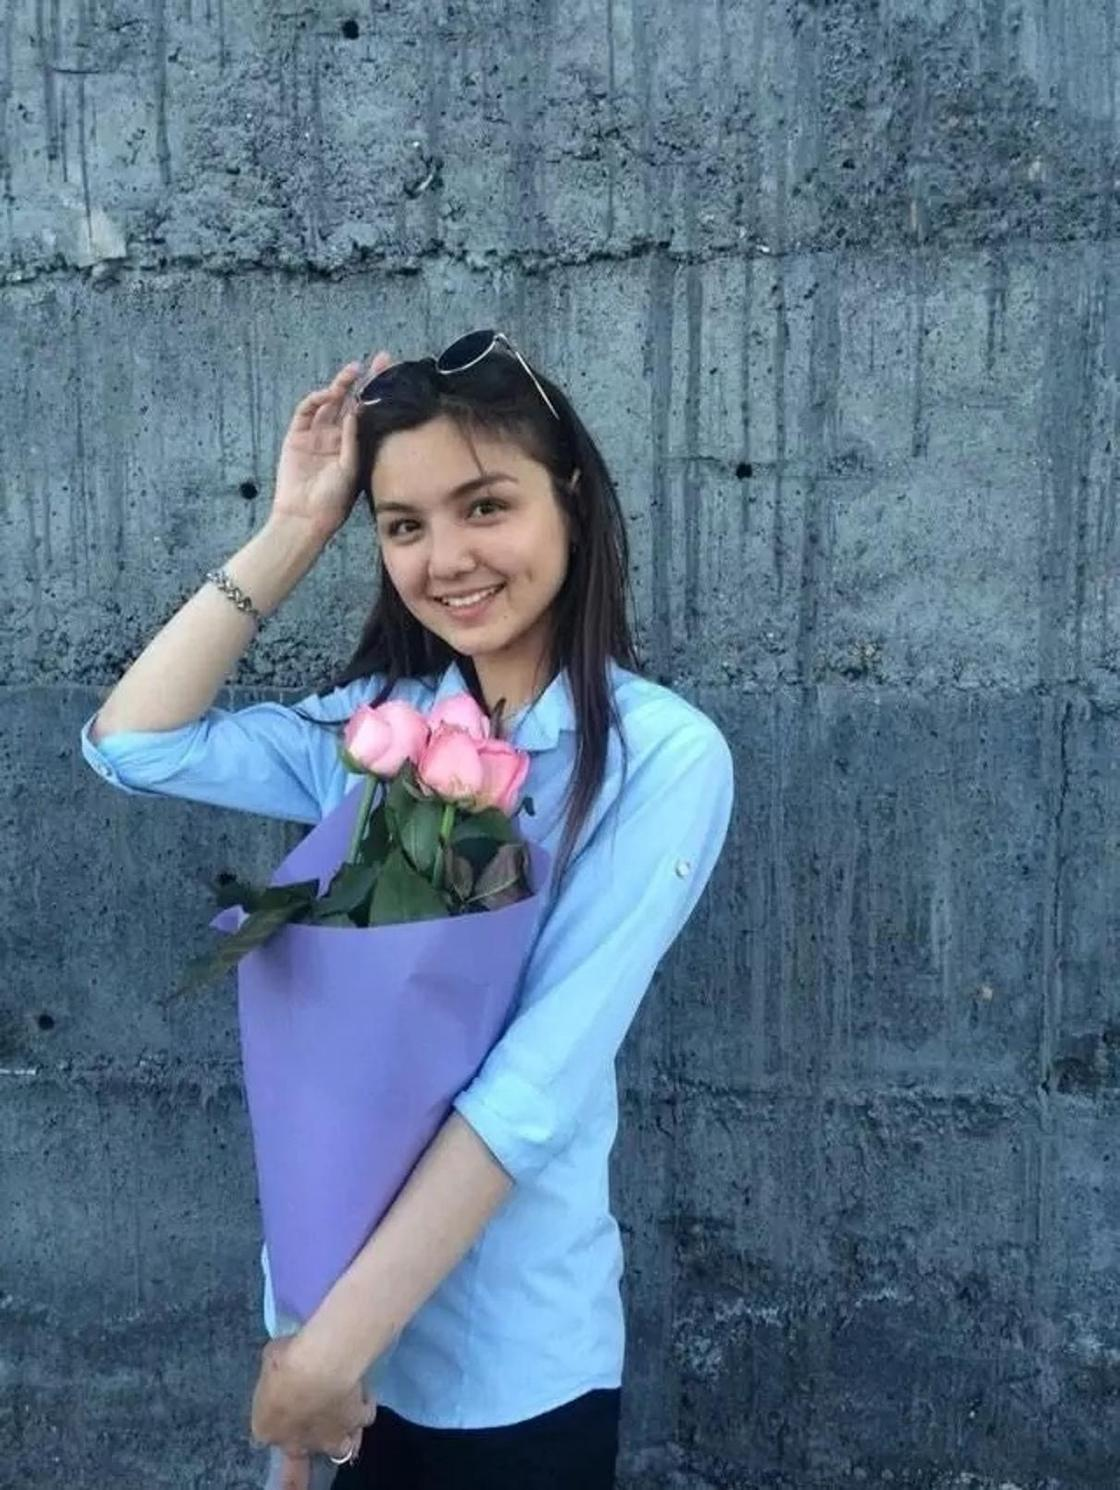 Қарағанды облысы: Қанафина Айым, 21 жаста - Miss Virtual Karaganda